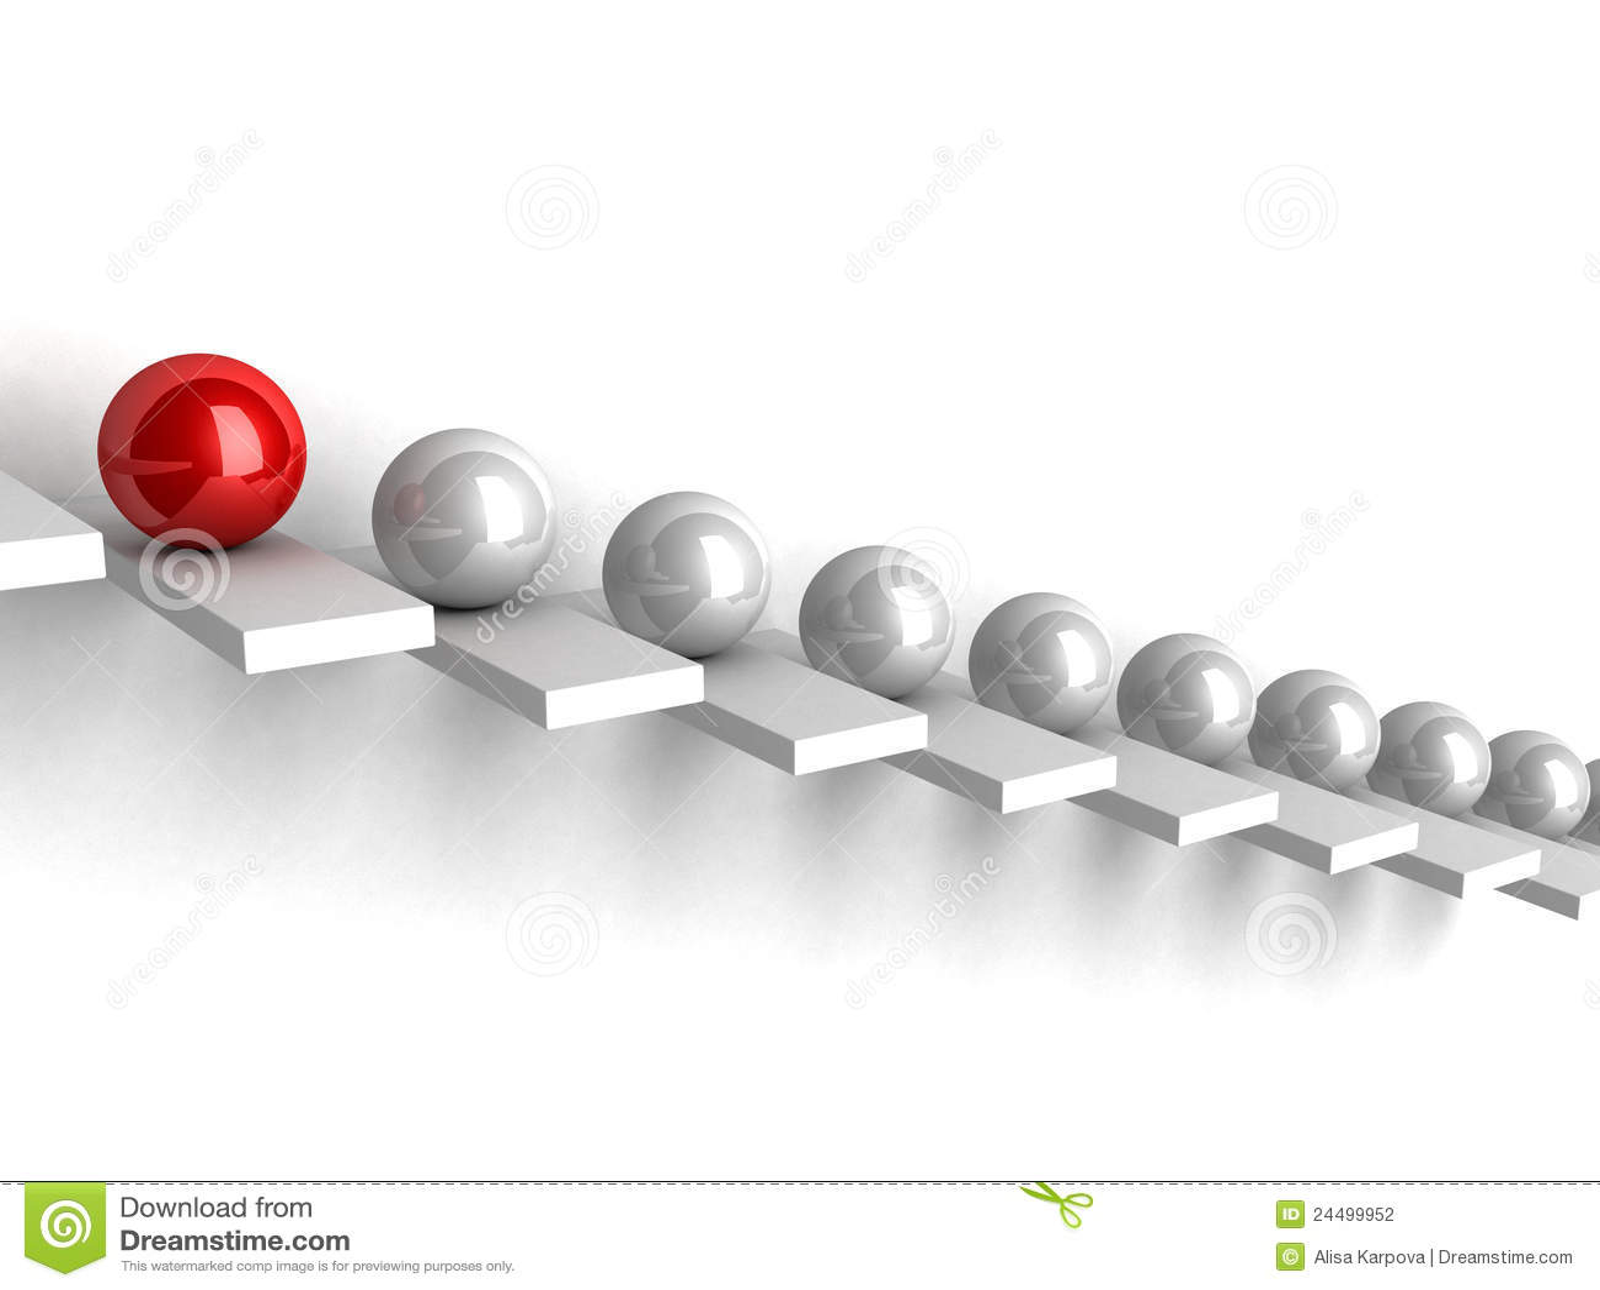 Concetto di direzione con le sfere sulla scaletta